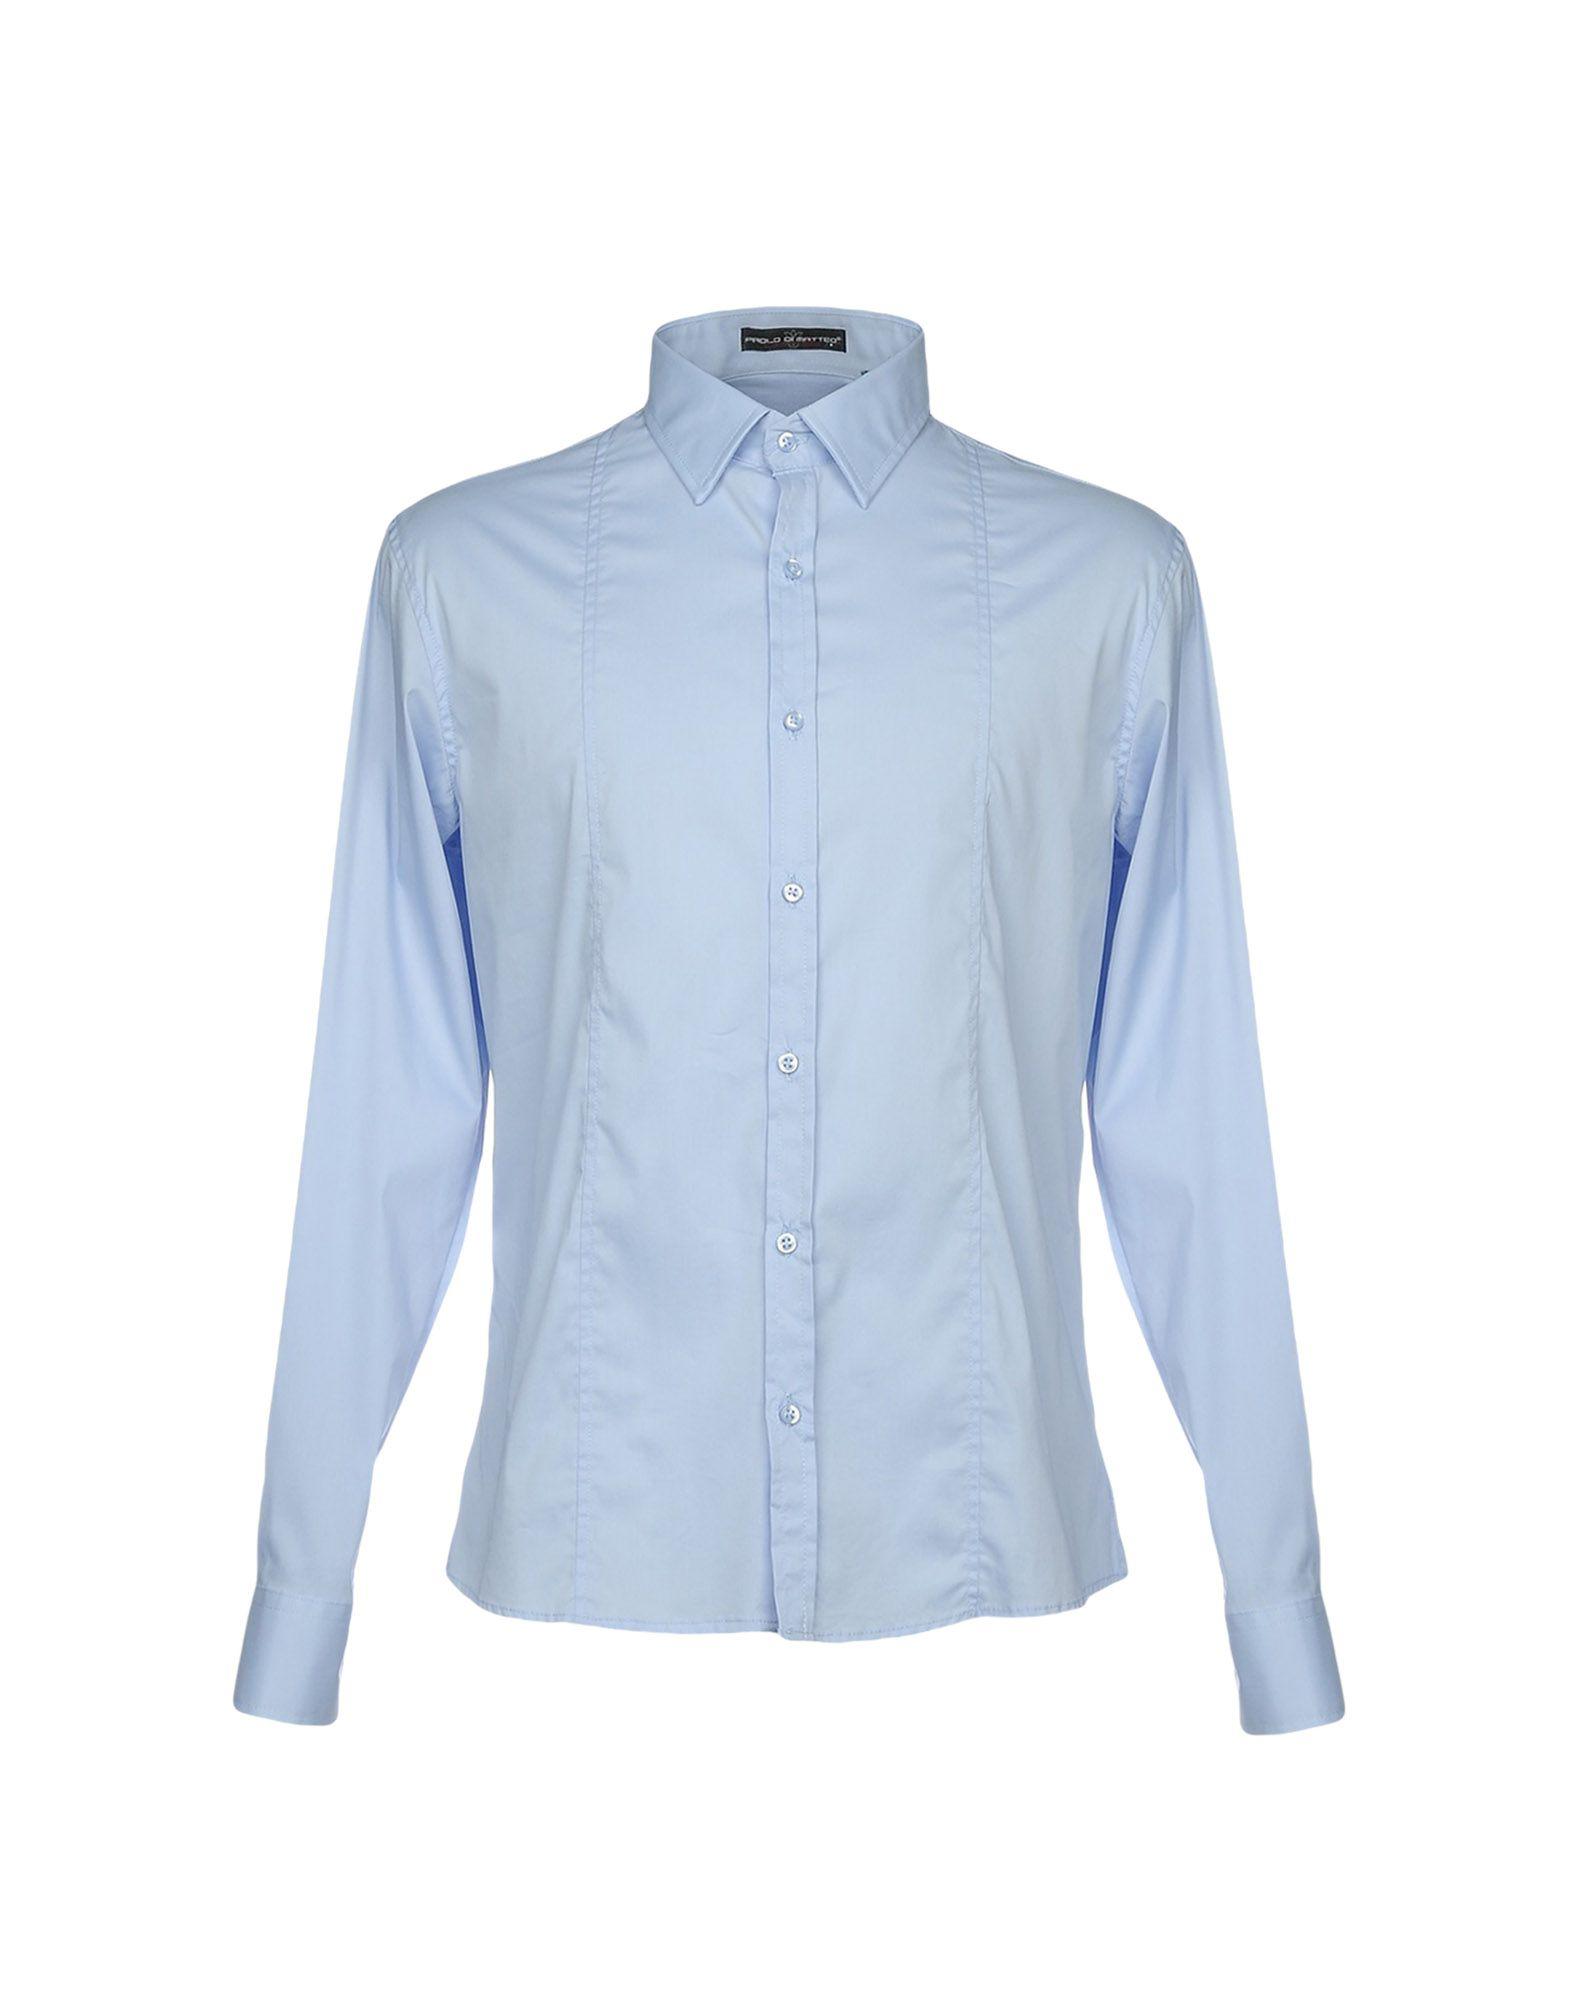 《セール開催中》PAOLO DI MATTEO メンズ シャツ スカイブルー XL 72% コットン 25% ナイロン 3% ポリウレタン